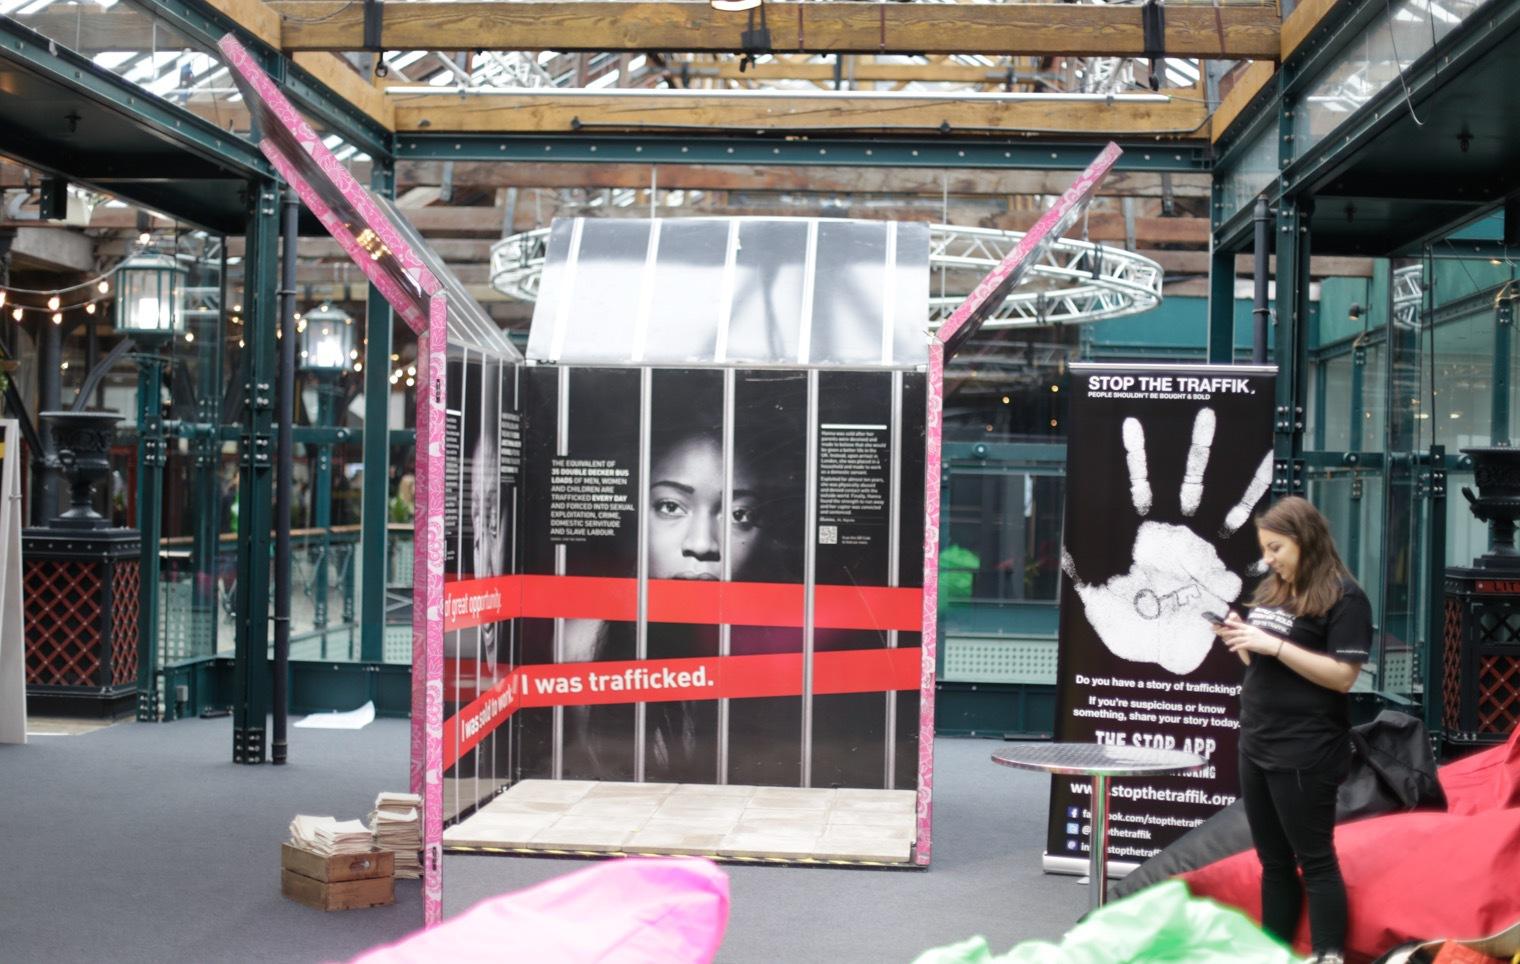 Flera djur- och människorättsorganisationer från hela världen hade utstälninggar på andra våningen. Många paviljonger var jobbisga att besöka, men deras viktiga arbete är inspirerande.